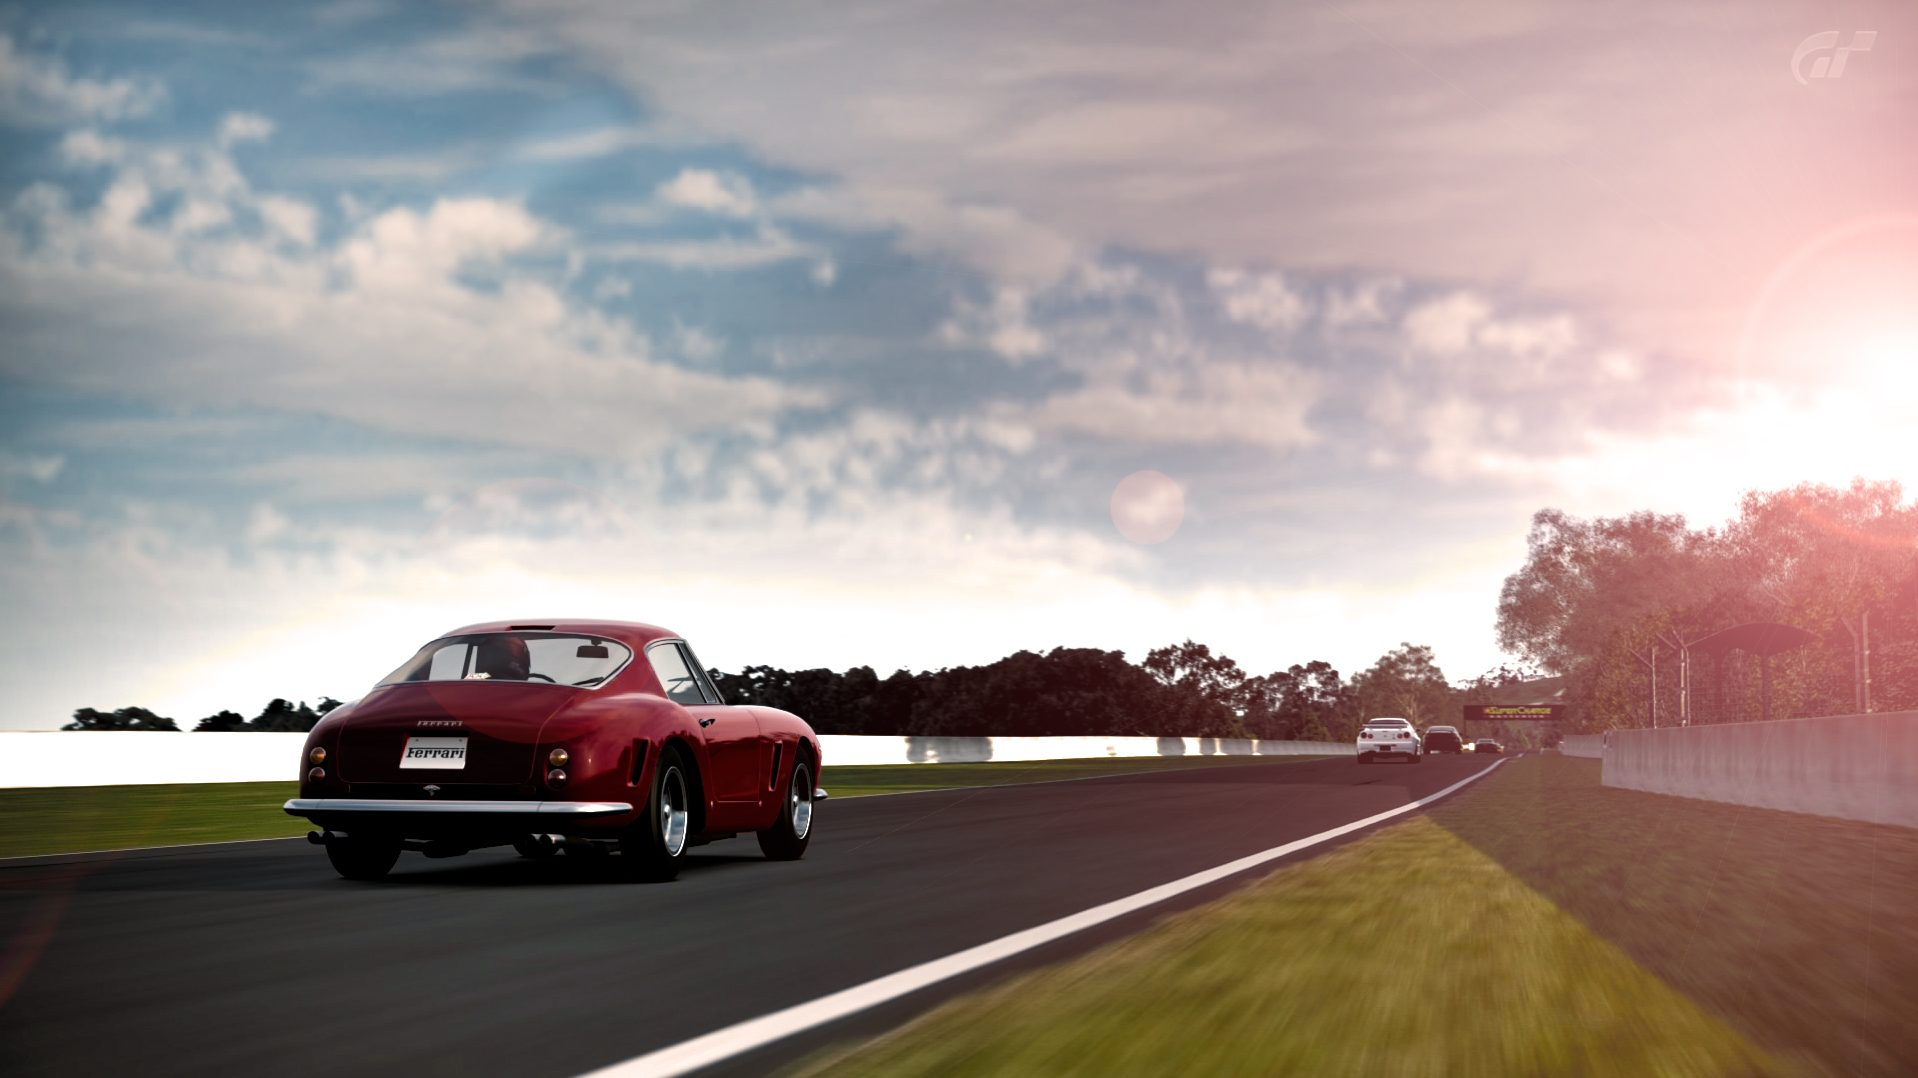 Ferrari 250 GTO bathurst 2.jpg